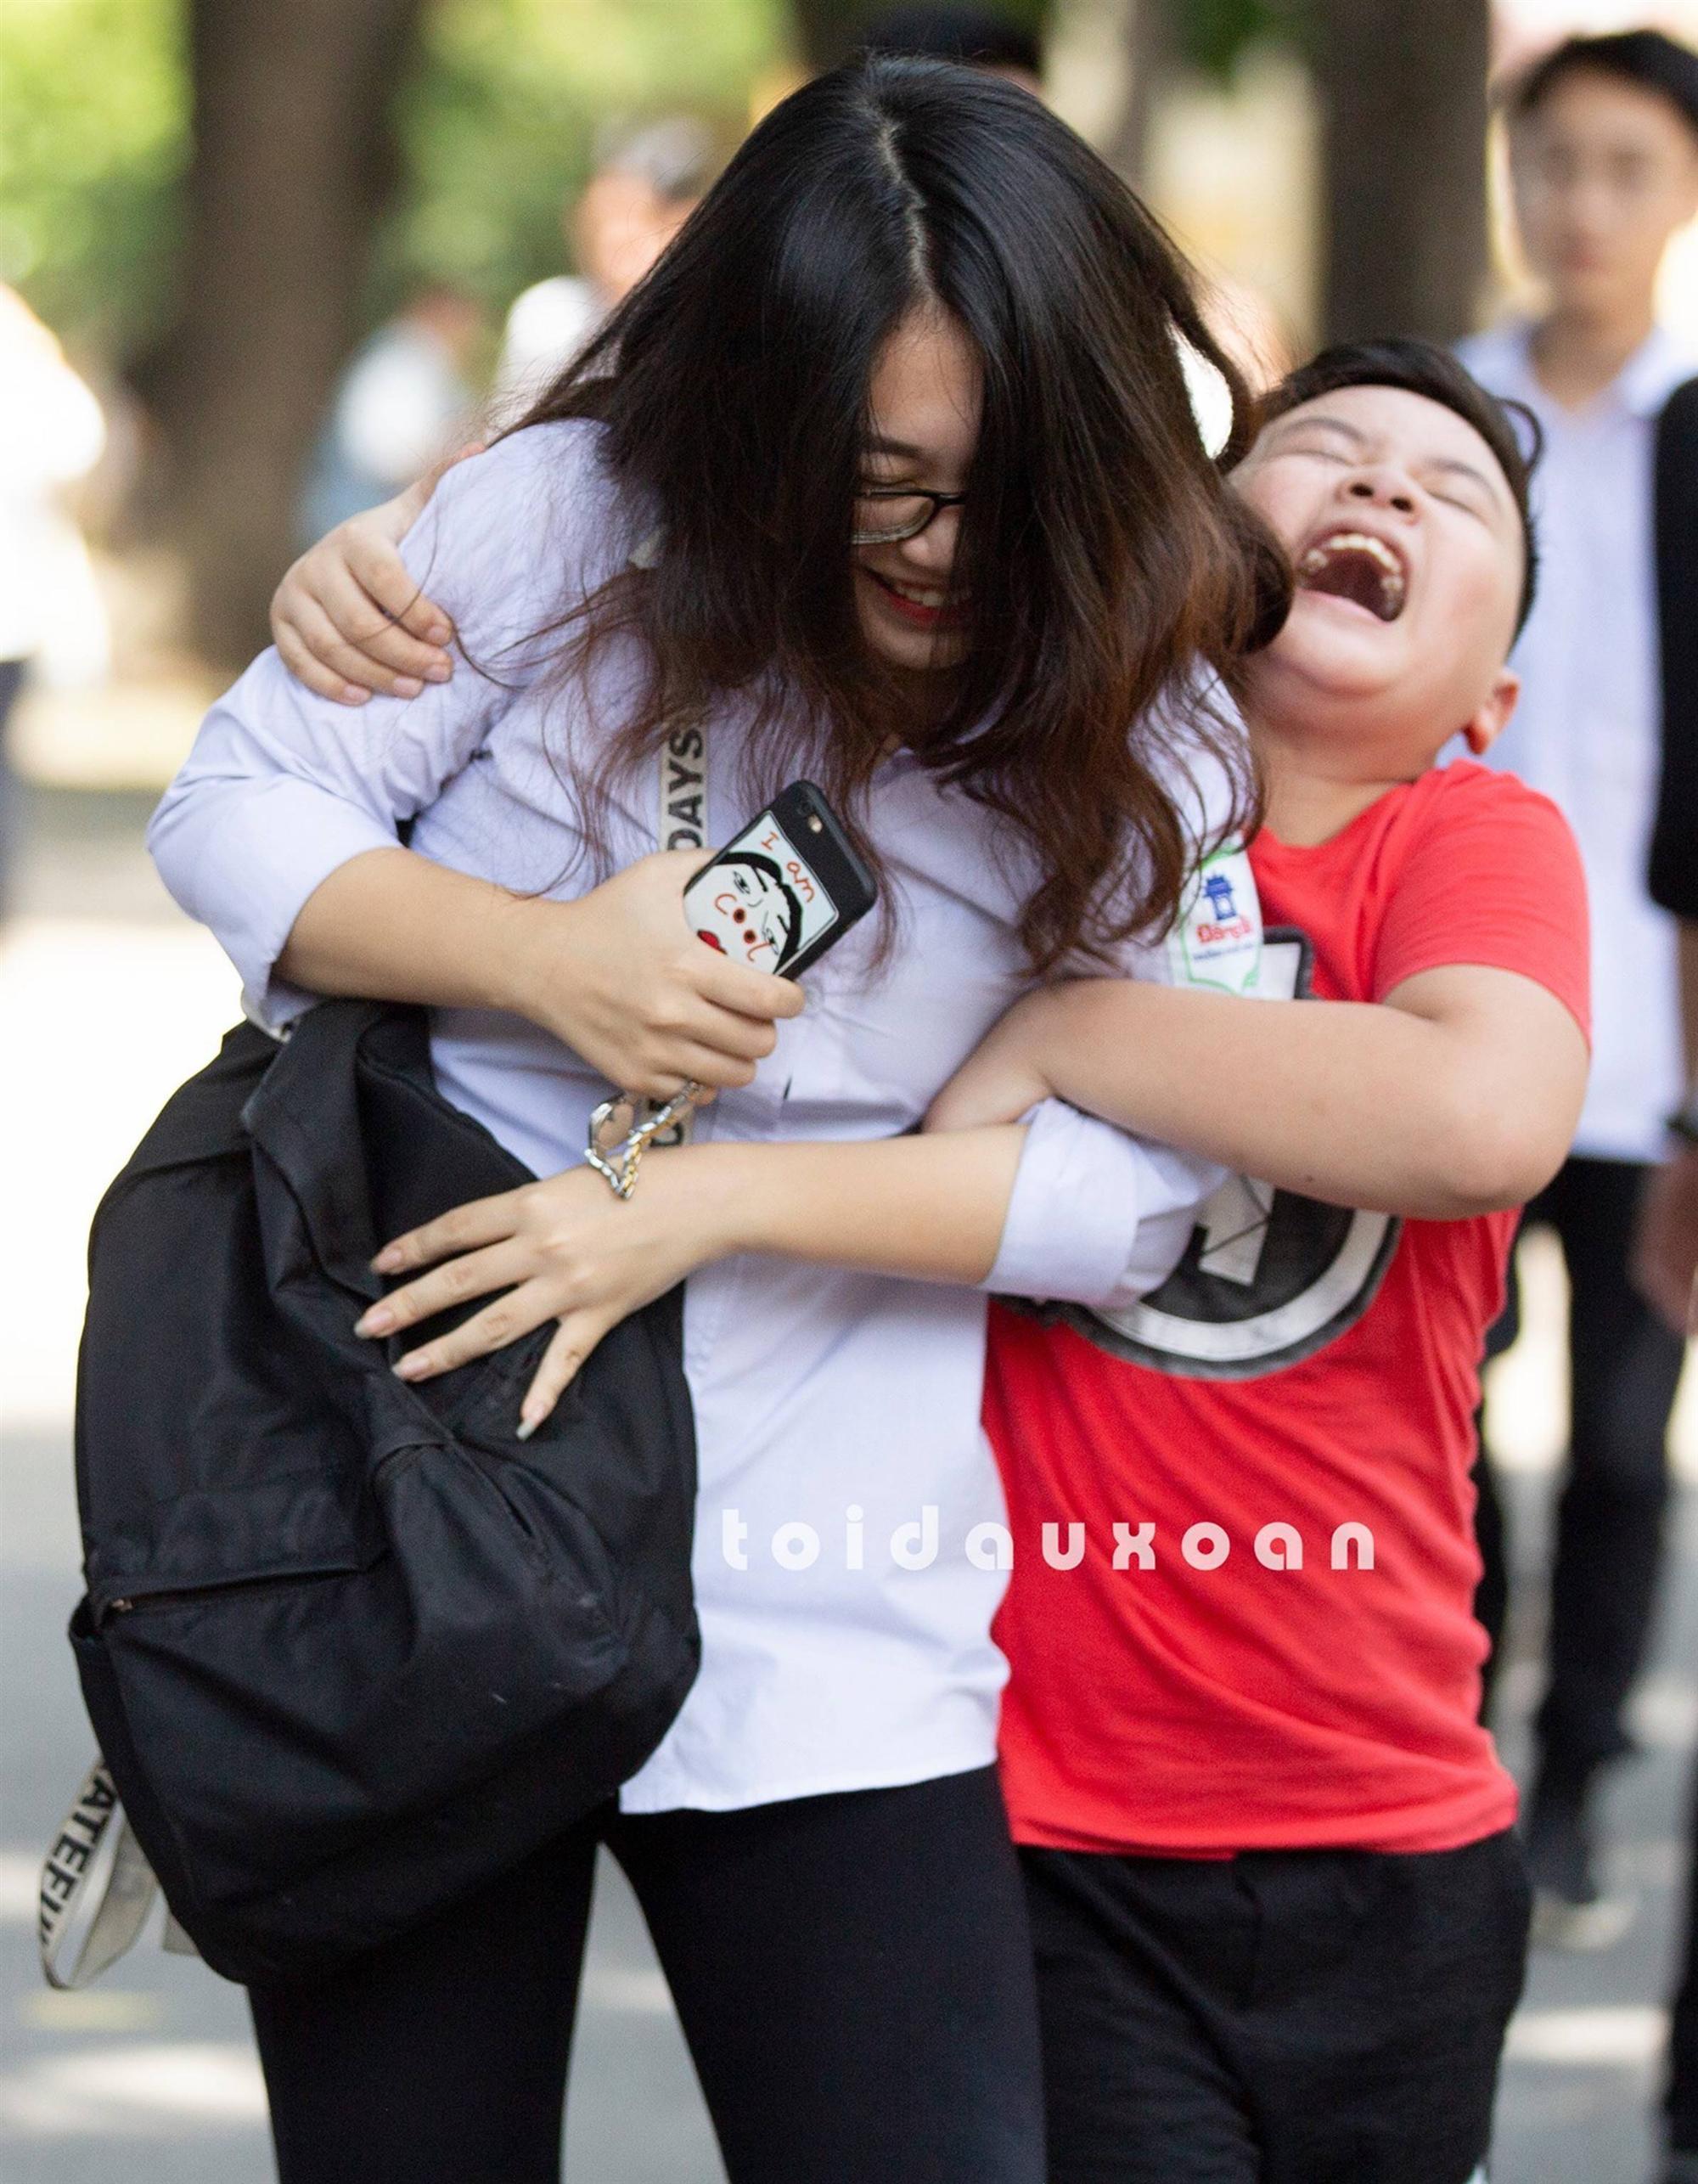 Cậu bé trong bức ảnh ôm chầm lấy chị gái sung sướng khi kết thúc kỳ thi THPT Quốc gia: Chị được điểm cao em cho hẳn 4 triệu!-4